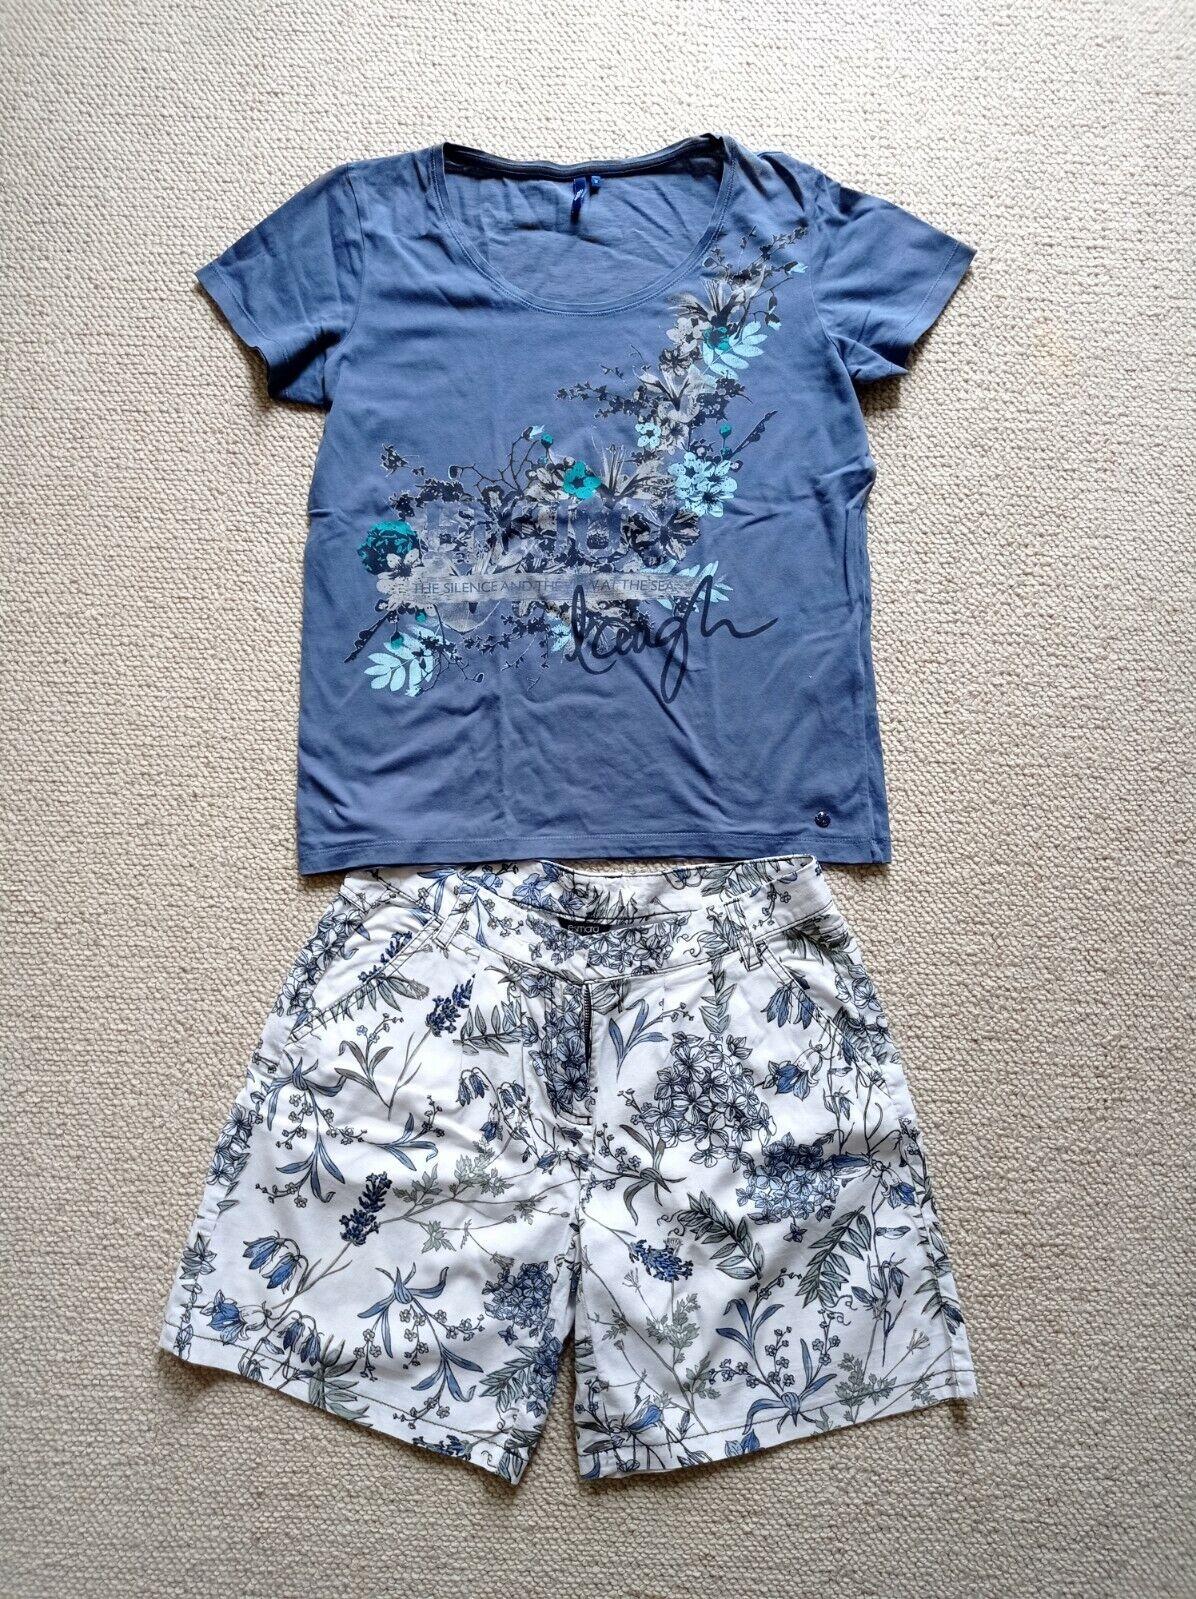 2 Teiler T-shirt von Cecil + Shorts aus Leinen-Baumwolle Mix von Esmara in M/38